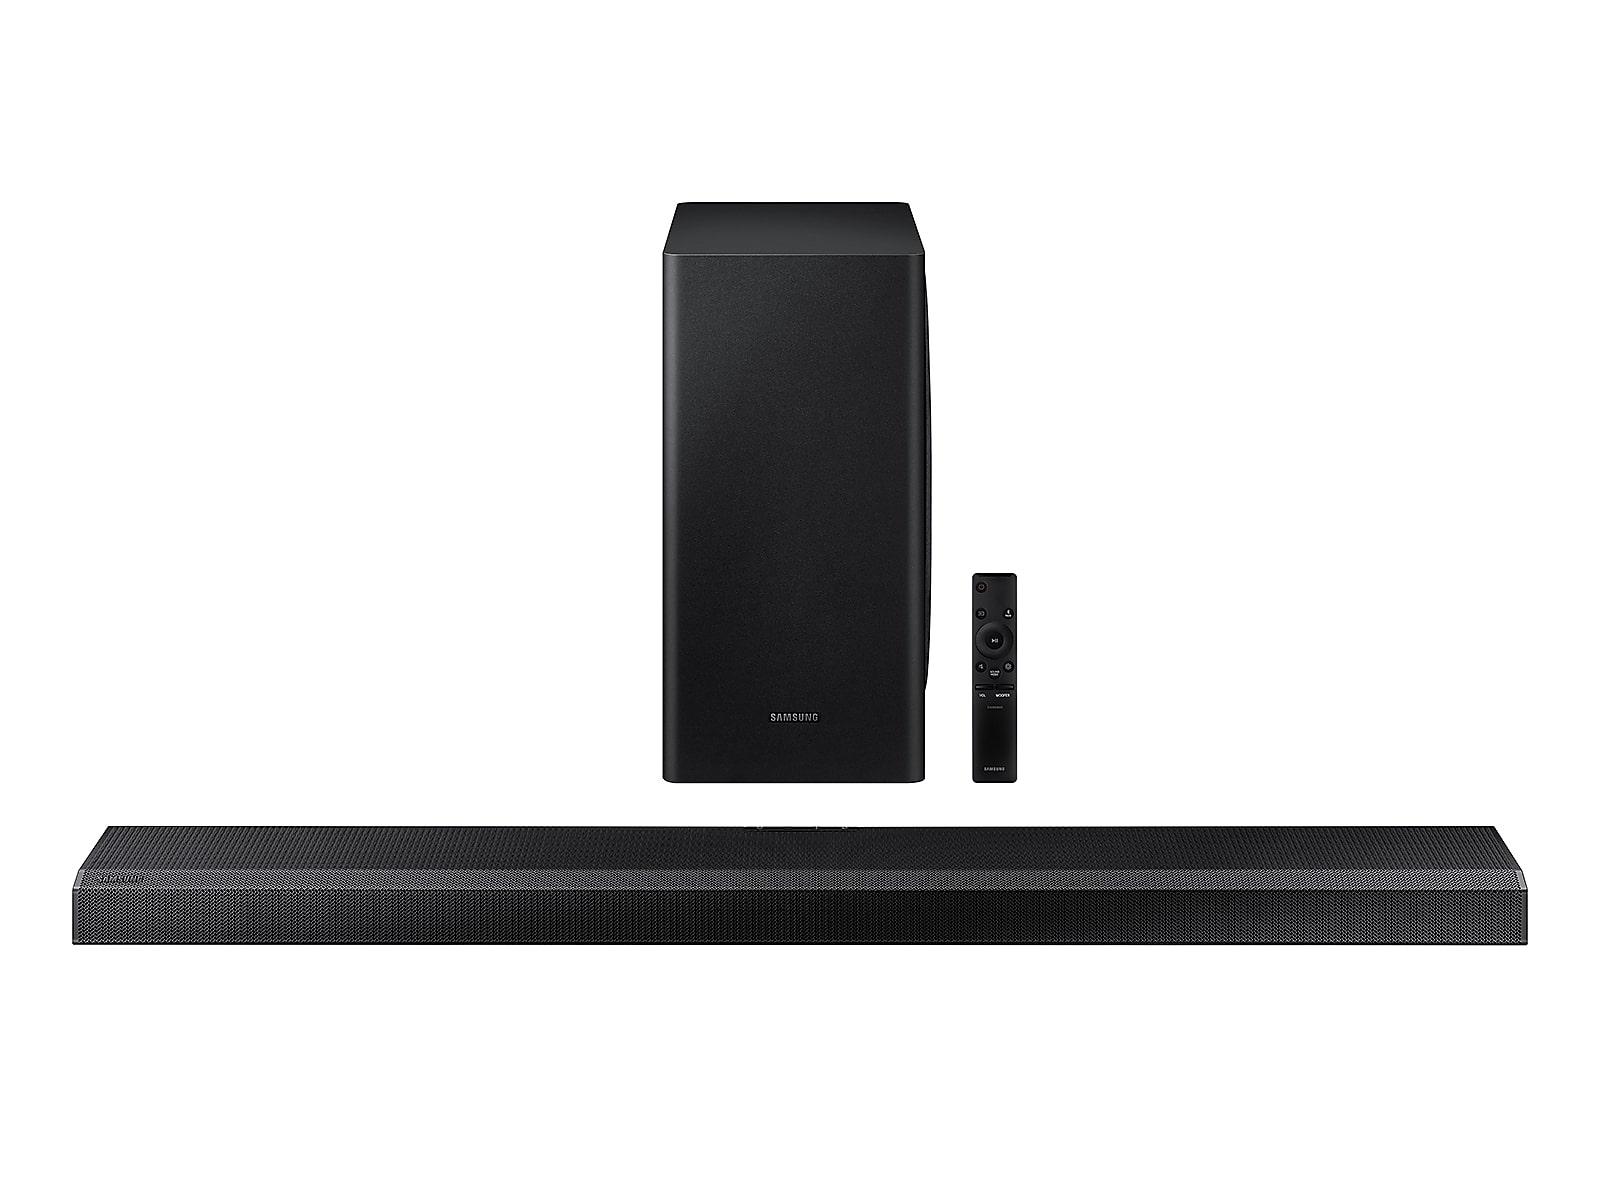 Samsung HW-Q800T 3.1.2ch Soundbar w/ Dolby Atmos / DTS:X & Alexa Built-in Black (2020)